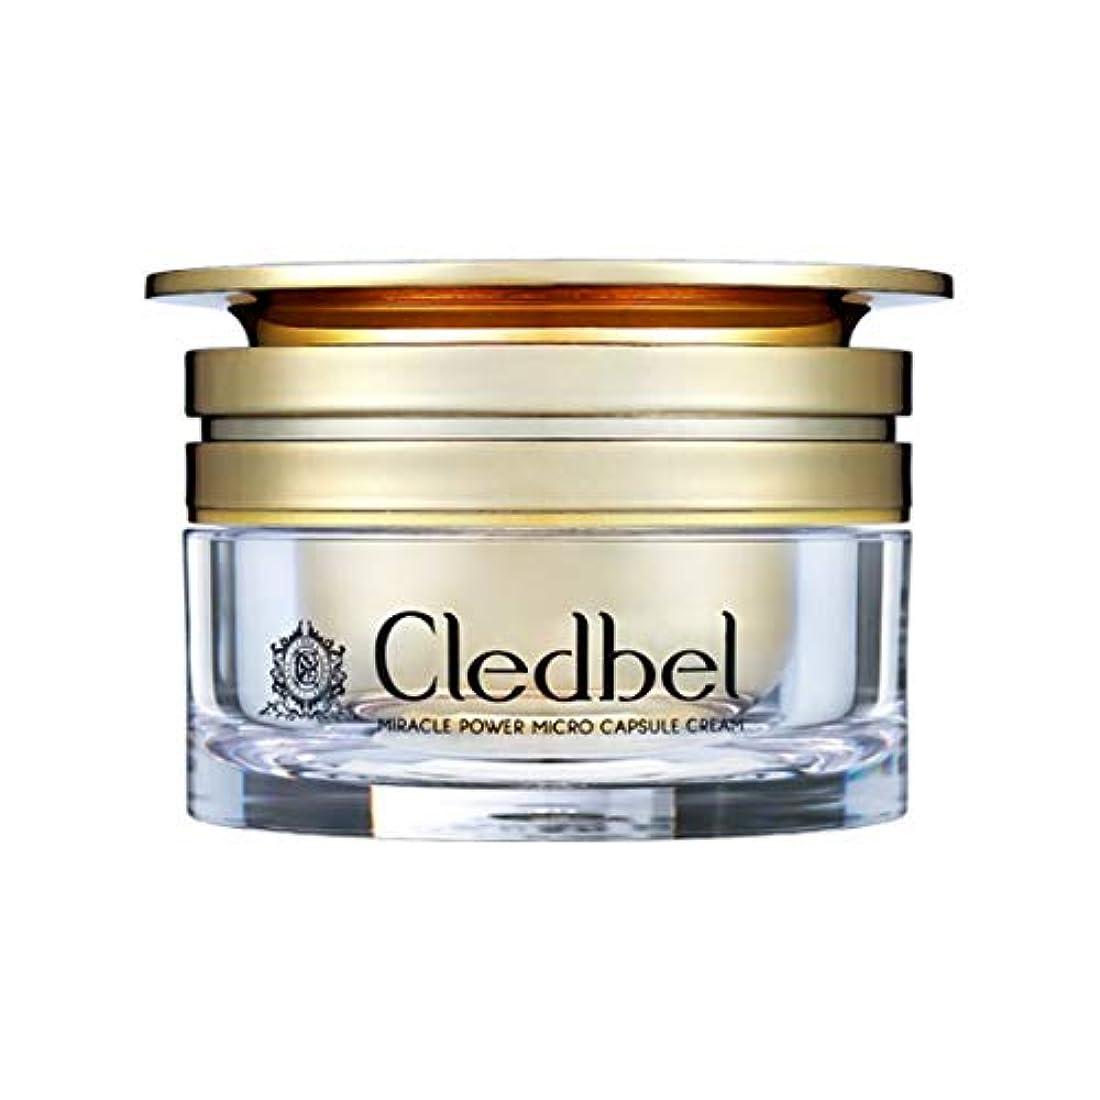 告発ライン人[cledbel] Miracle Power Micro Capsule Cream 50ml / ミラクルパワーマイクロカプセルクリーム 50ml [並行輸入品]